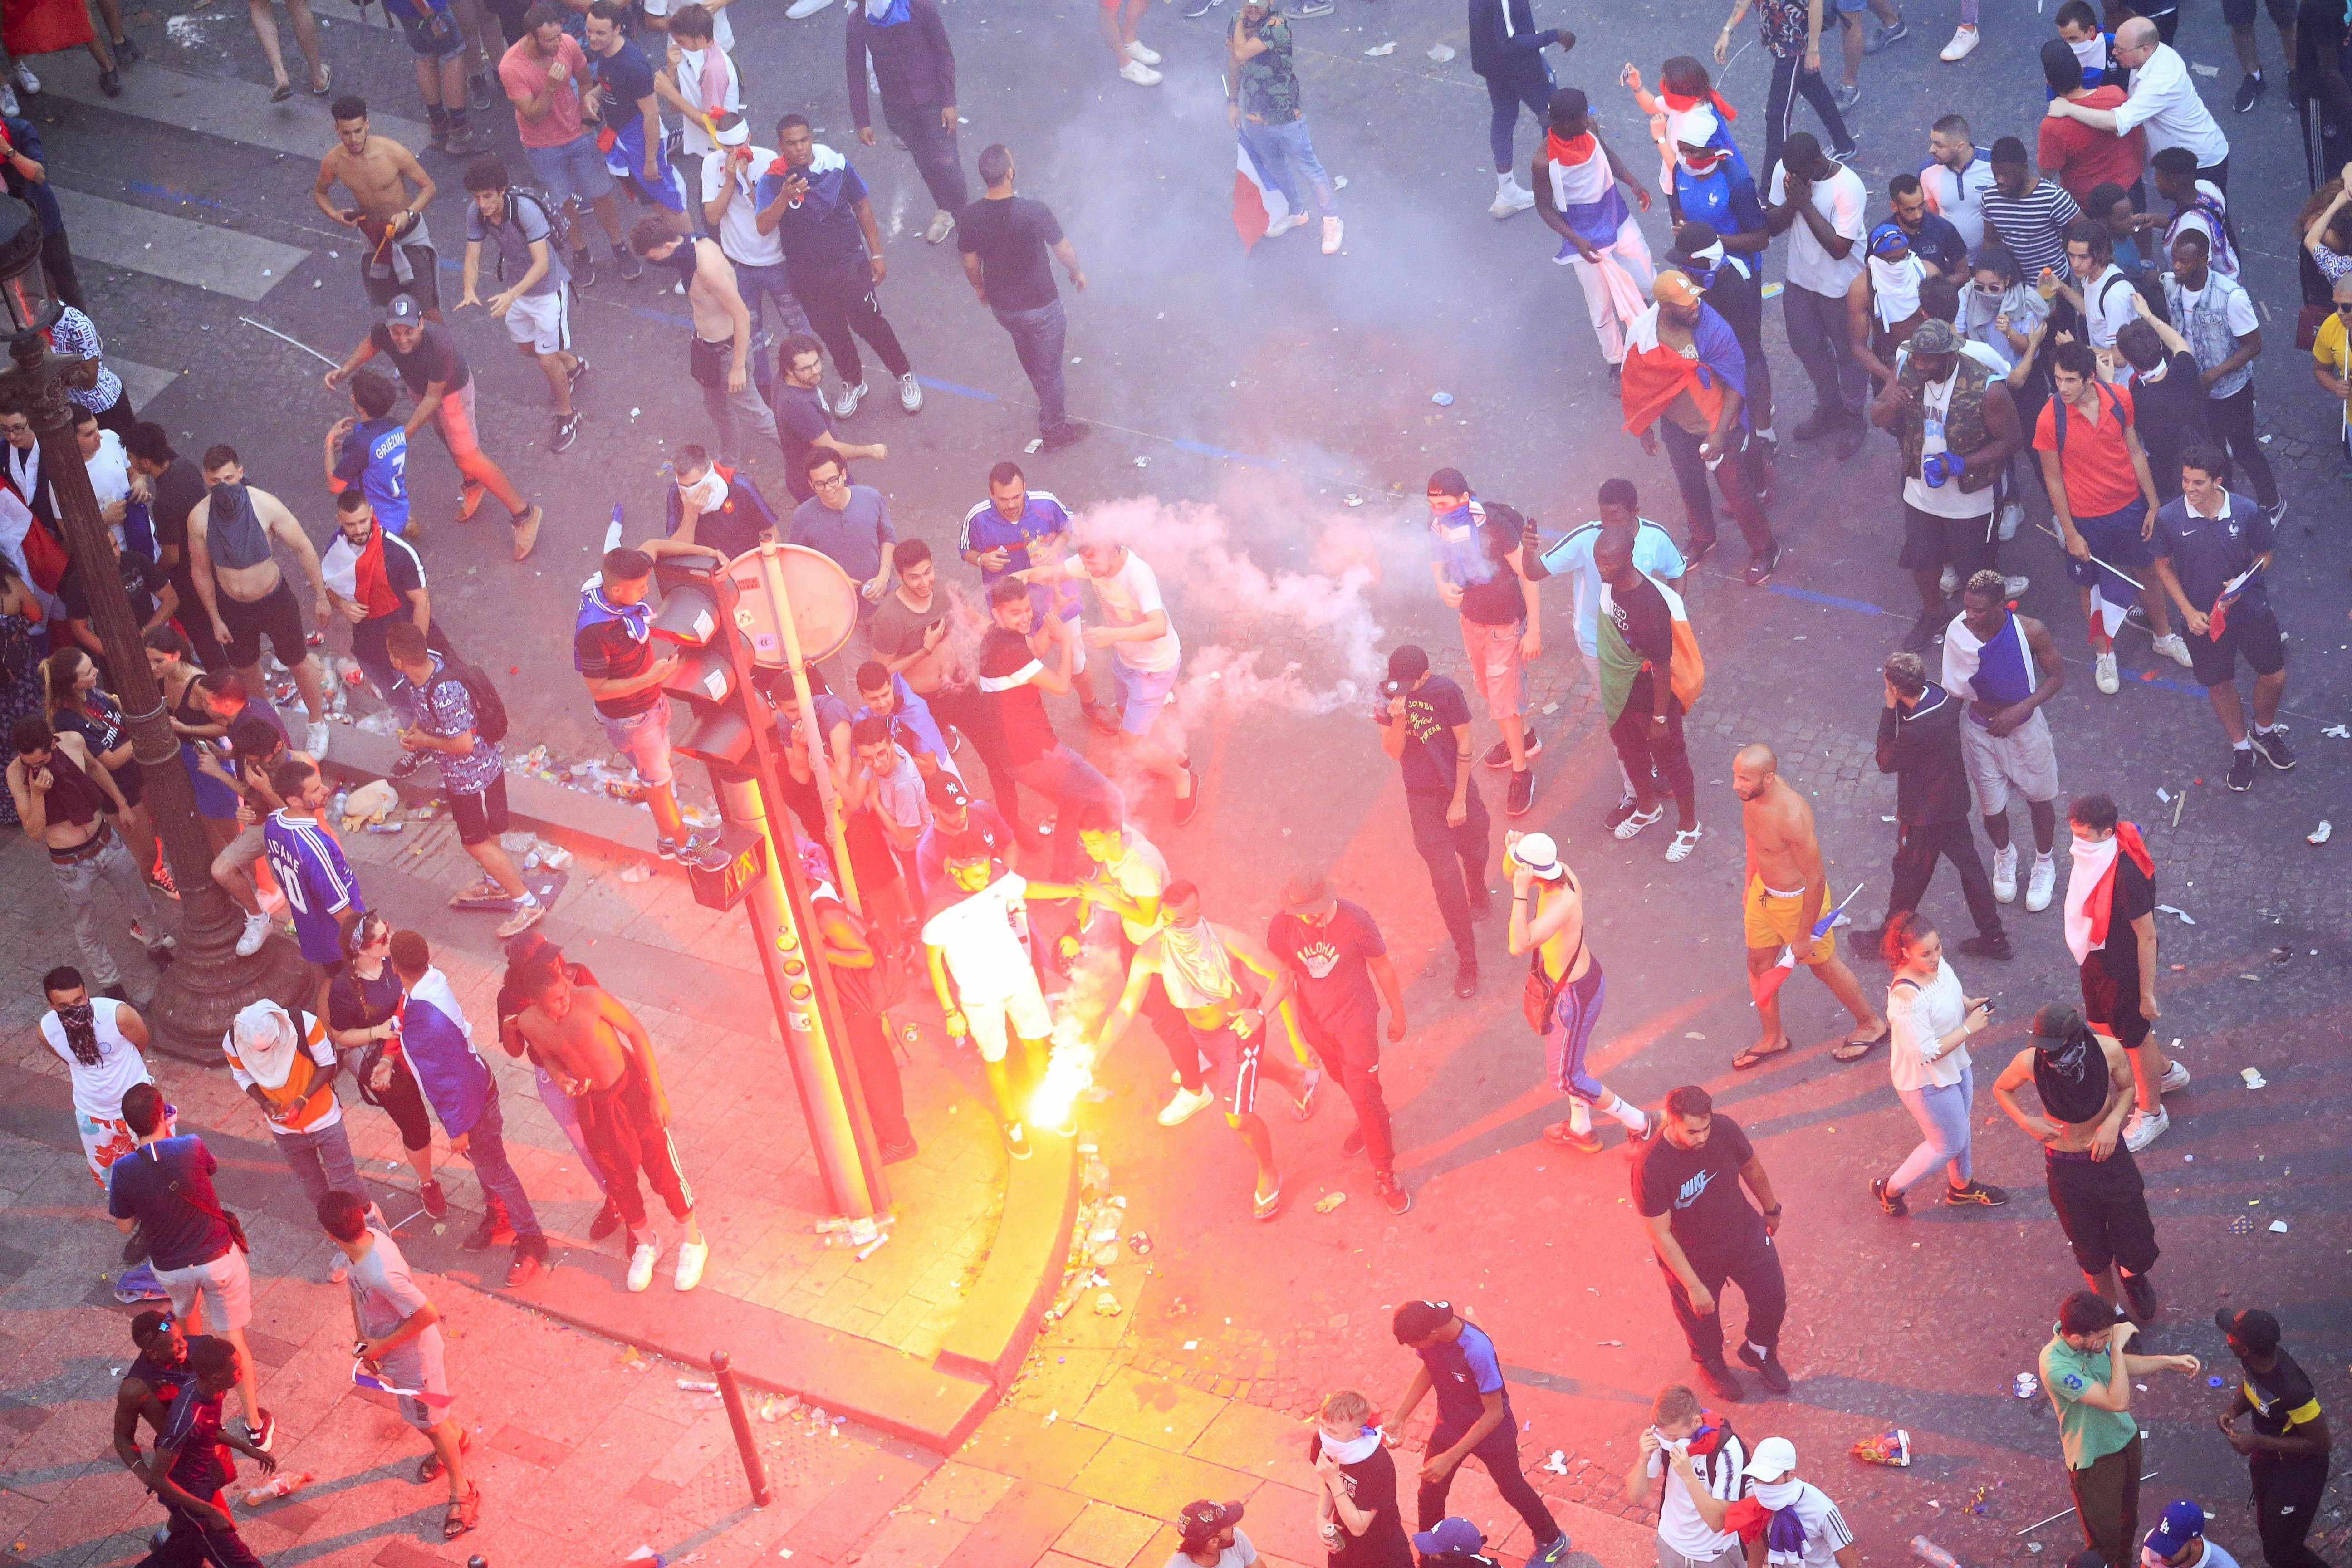 Беспорядки в Париже во время празднования победы сборной Франции в чемпионате мира по футболу — 2018. Фото © Zuma / TASS / Panoramic